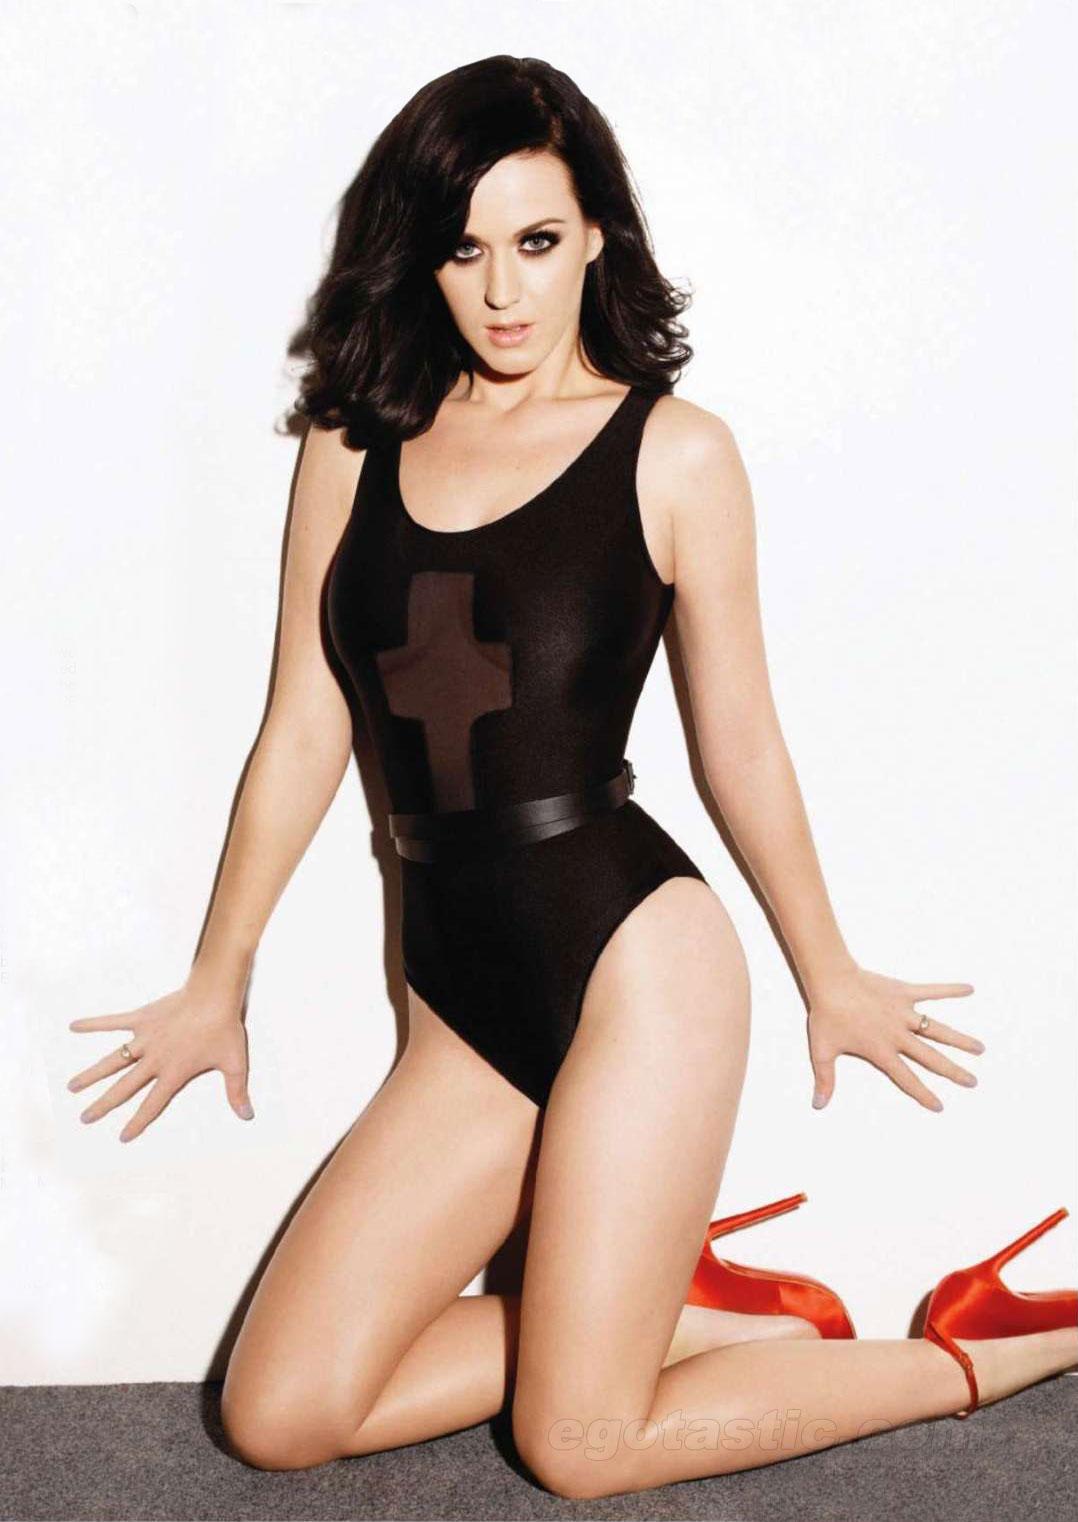 Katy Perry Maxim Magazine Hot Photoshoot January2011.jpg